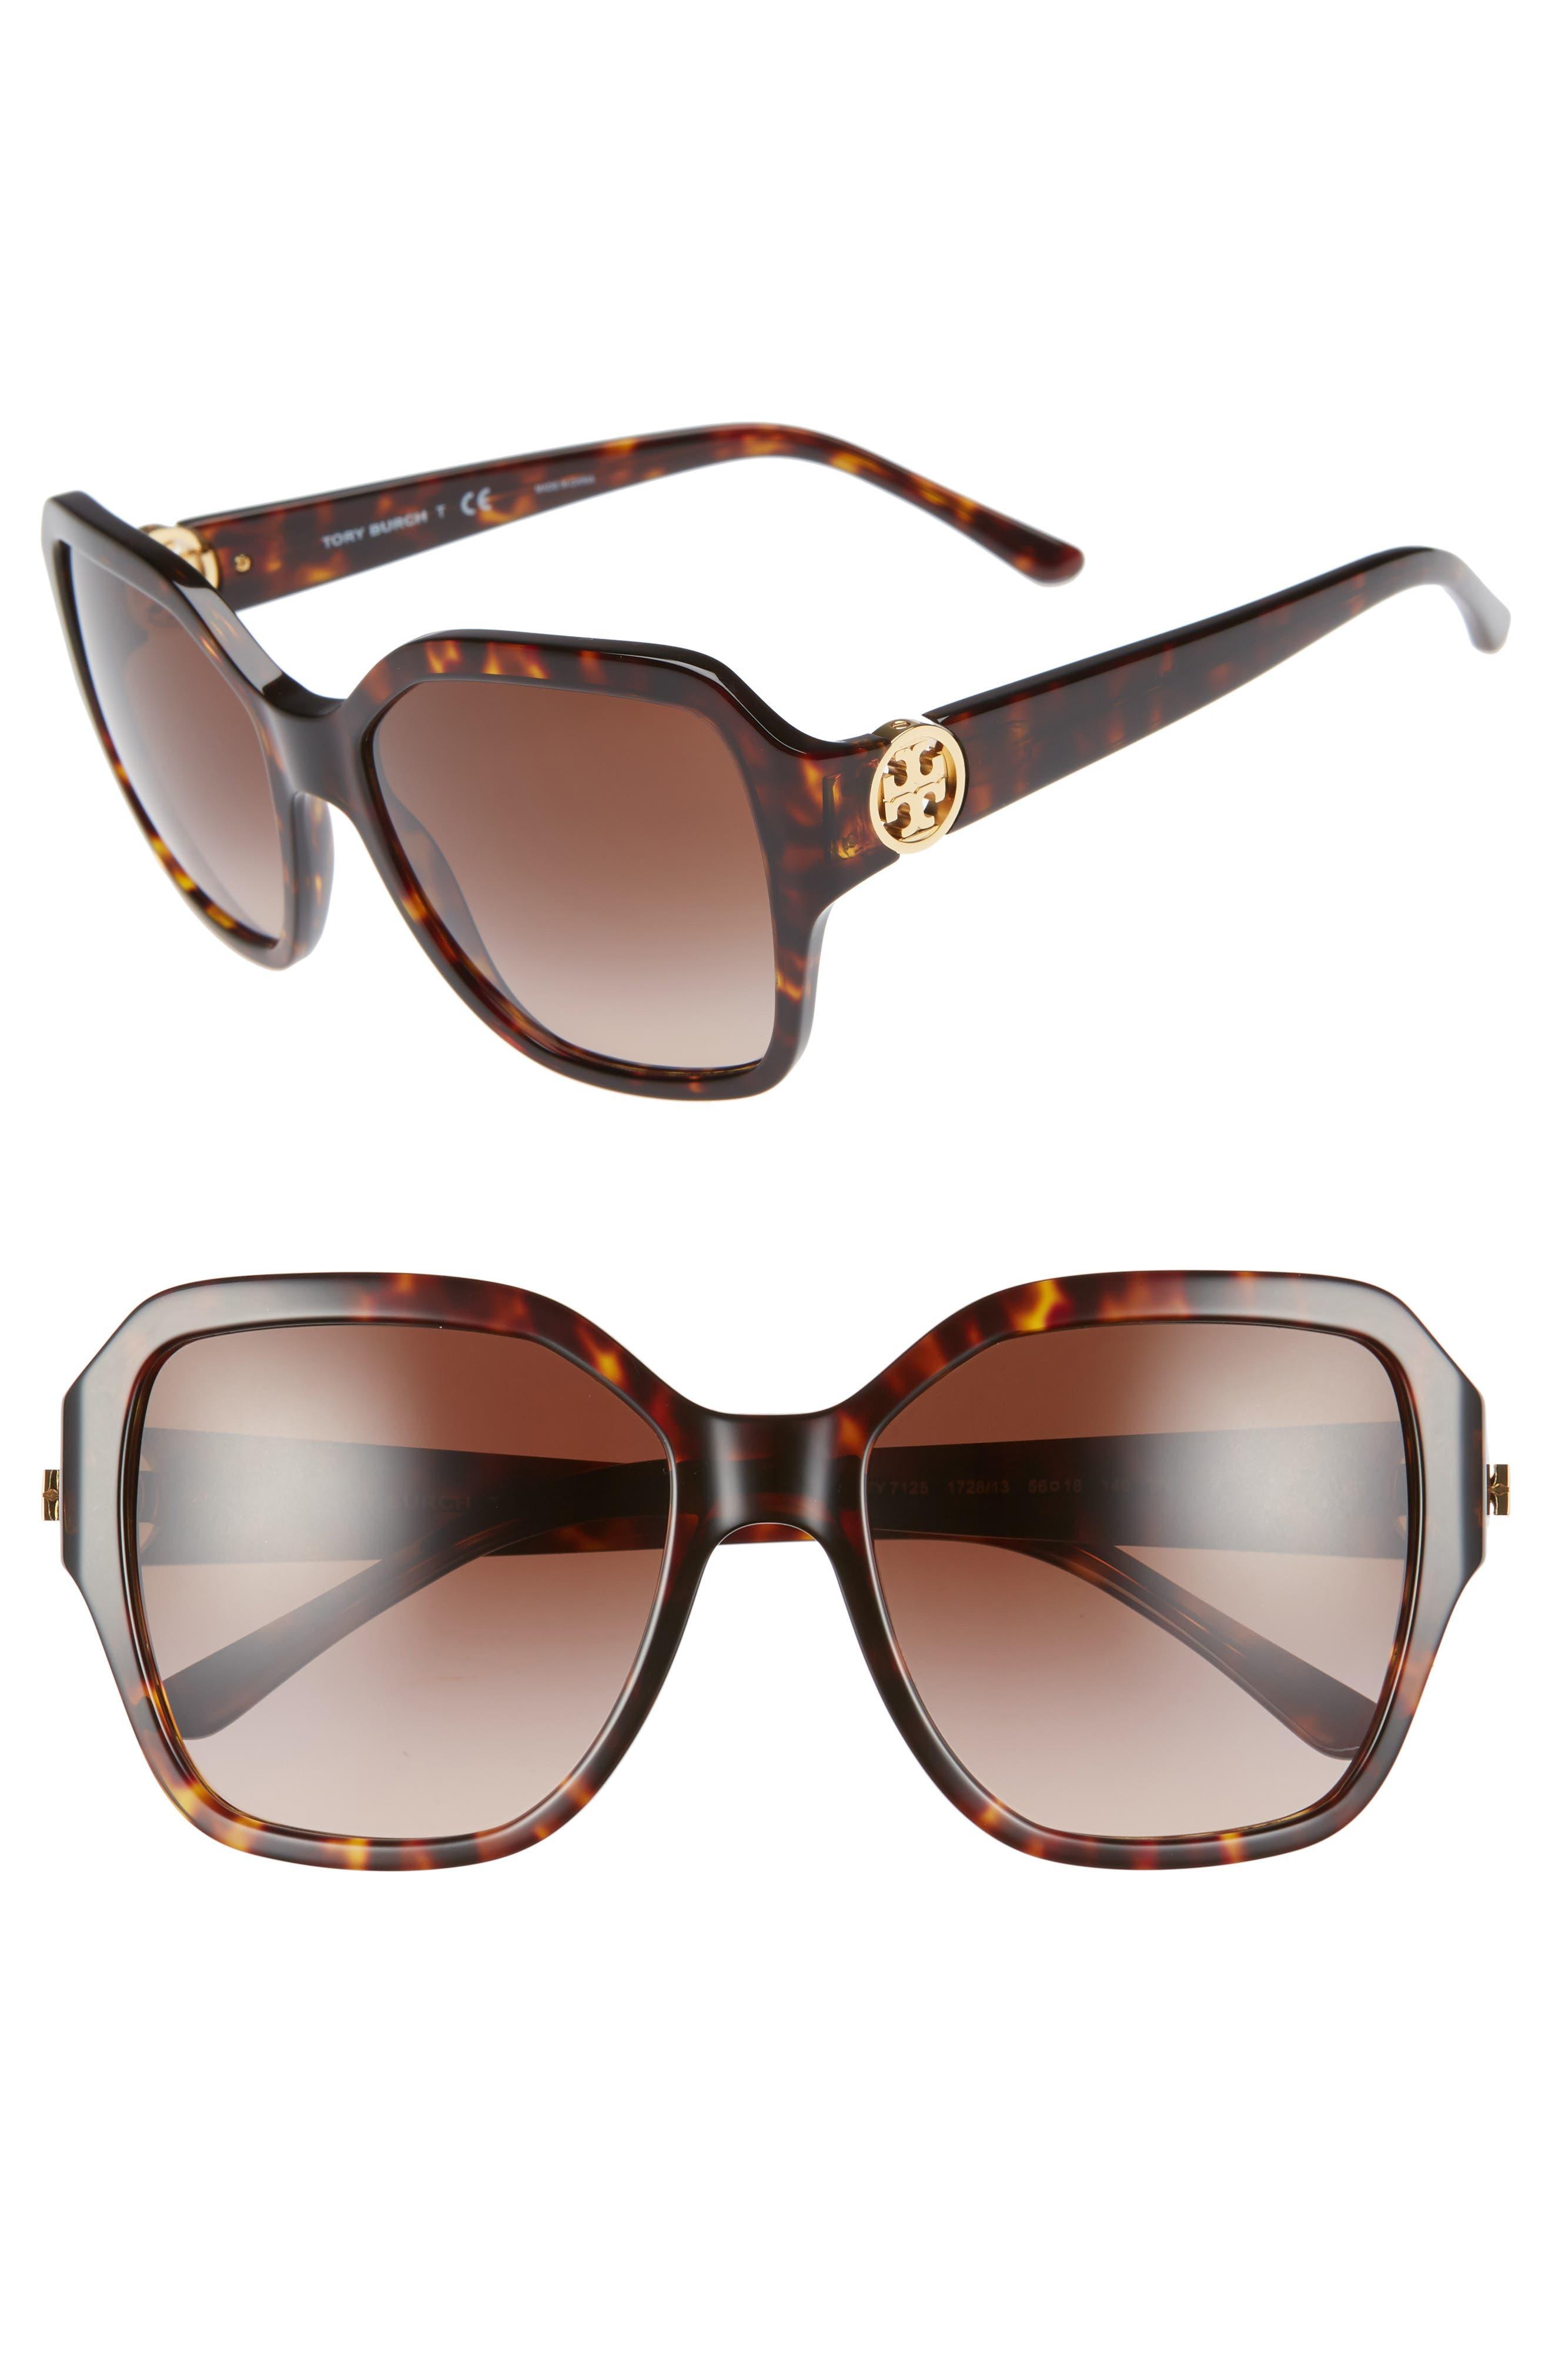 Reva 56mm Square Sunglasses,                         Main,                         color, 212